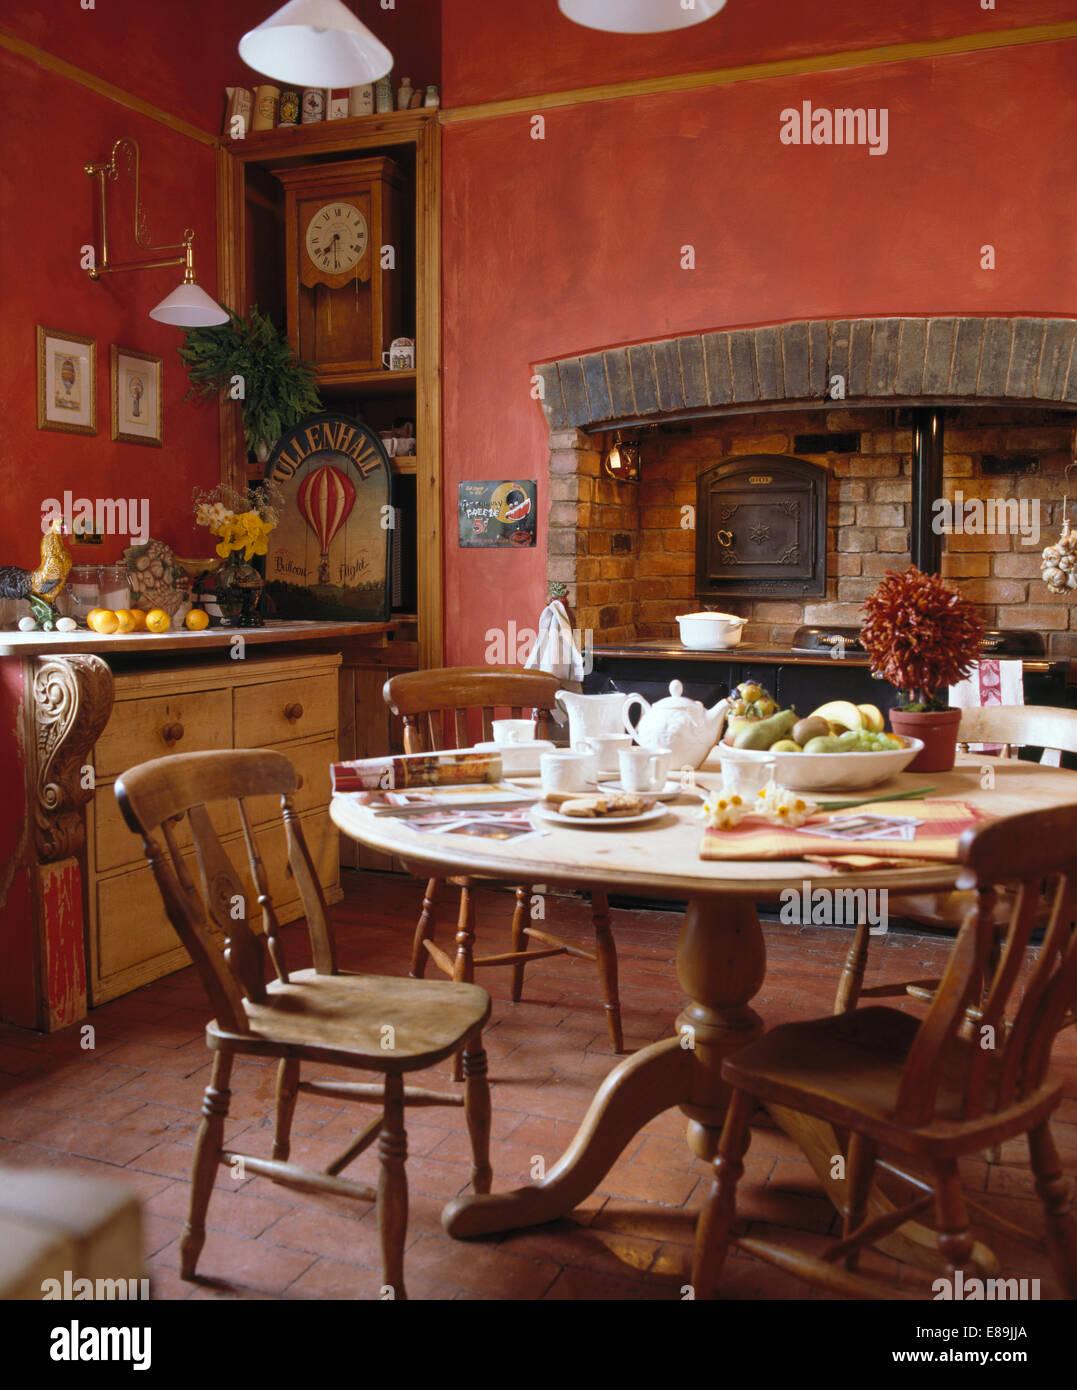 Großartig Bauernküche Ideen Uk Fotos - Küche Set Ideen ...